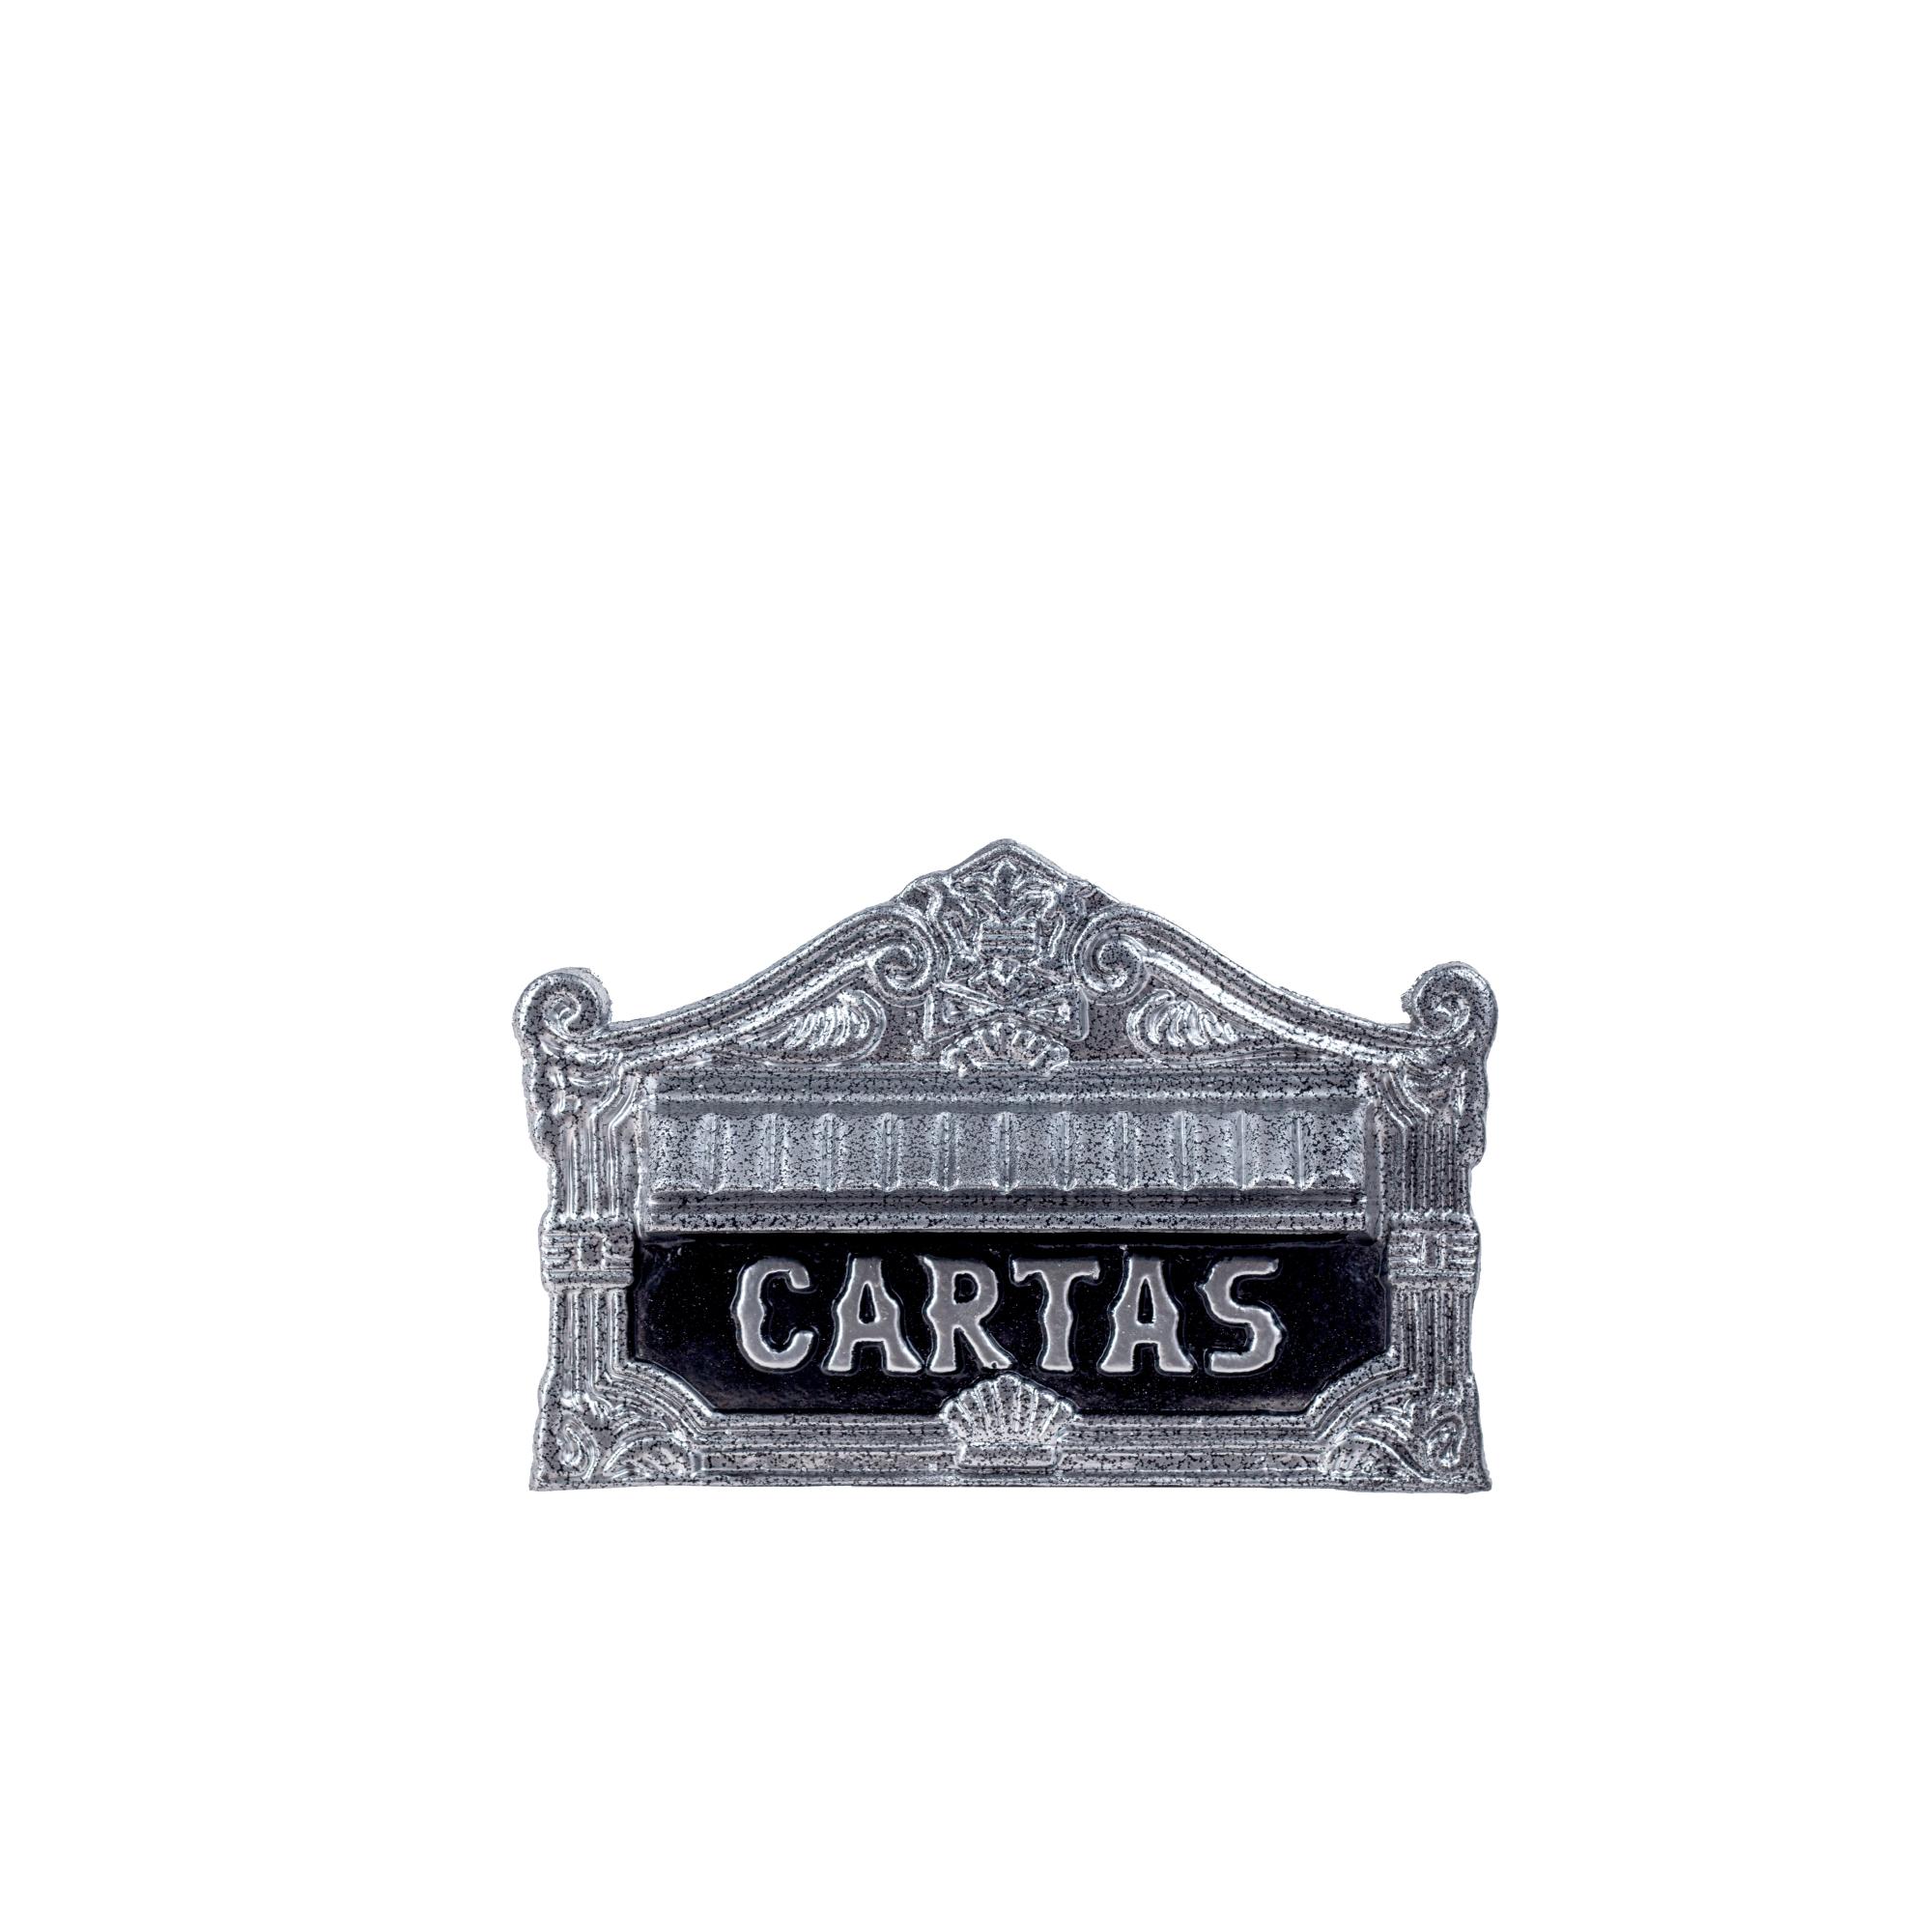 Porta Carta Escovado de Aluminio Reciclavel 22x155x11cm - LGMais